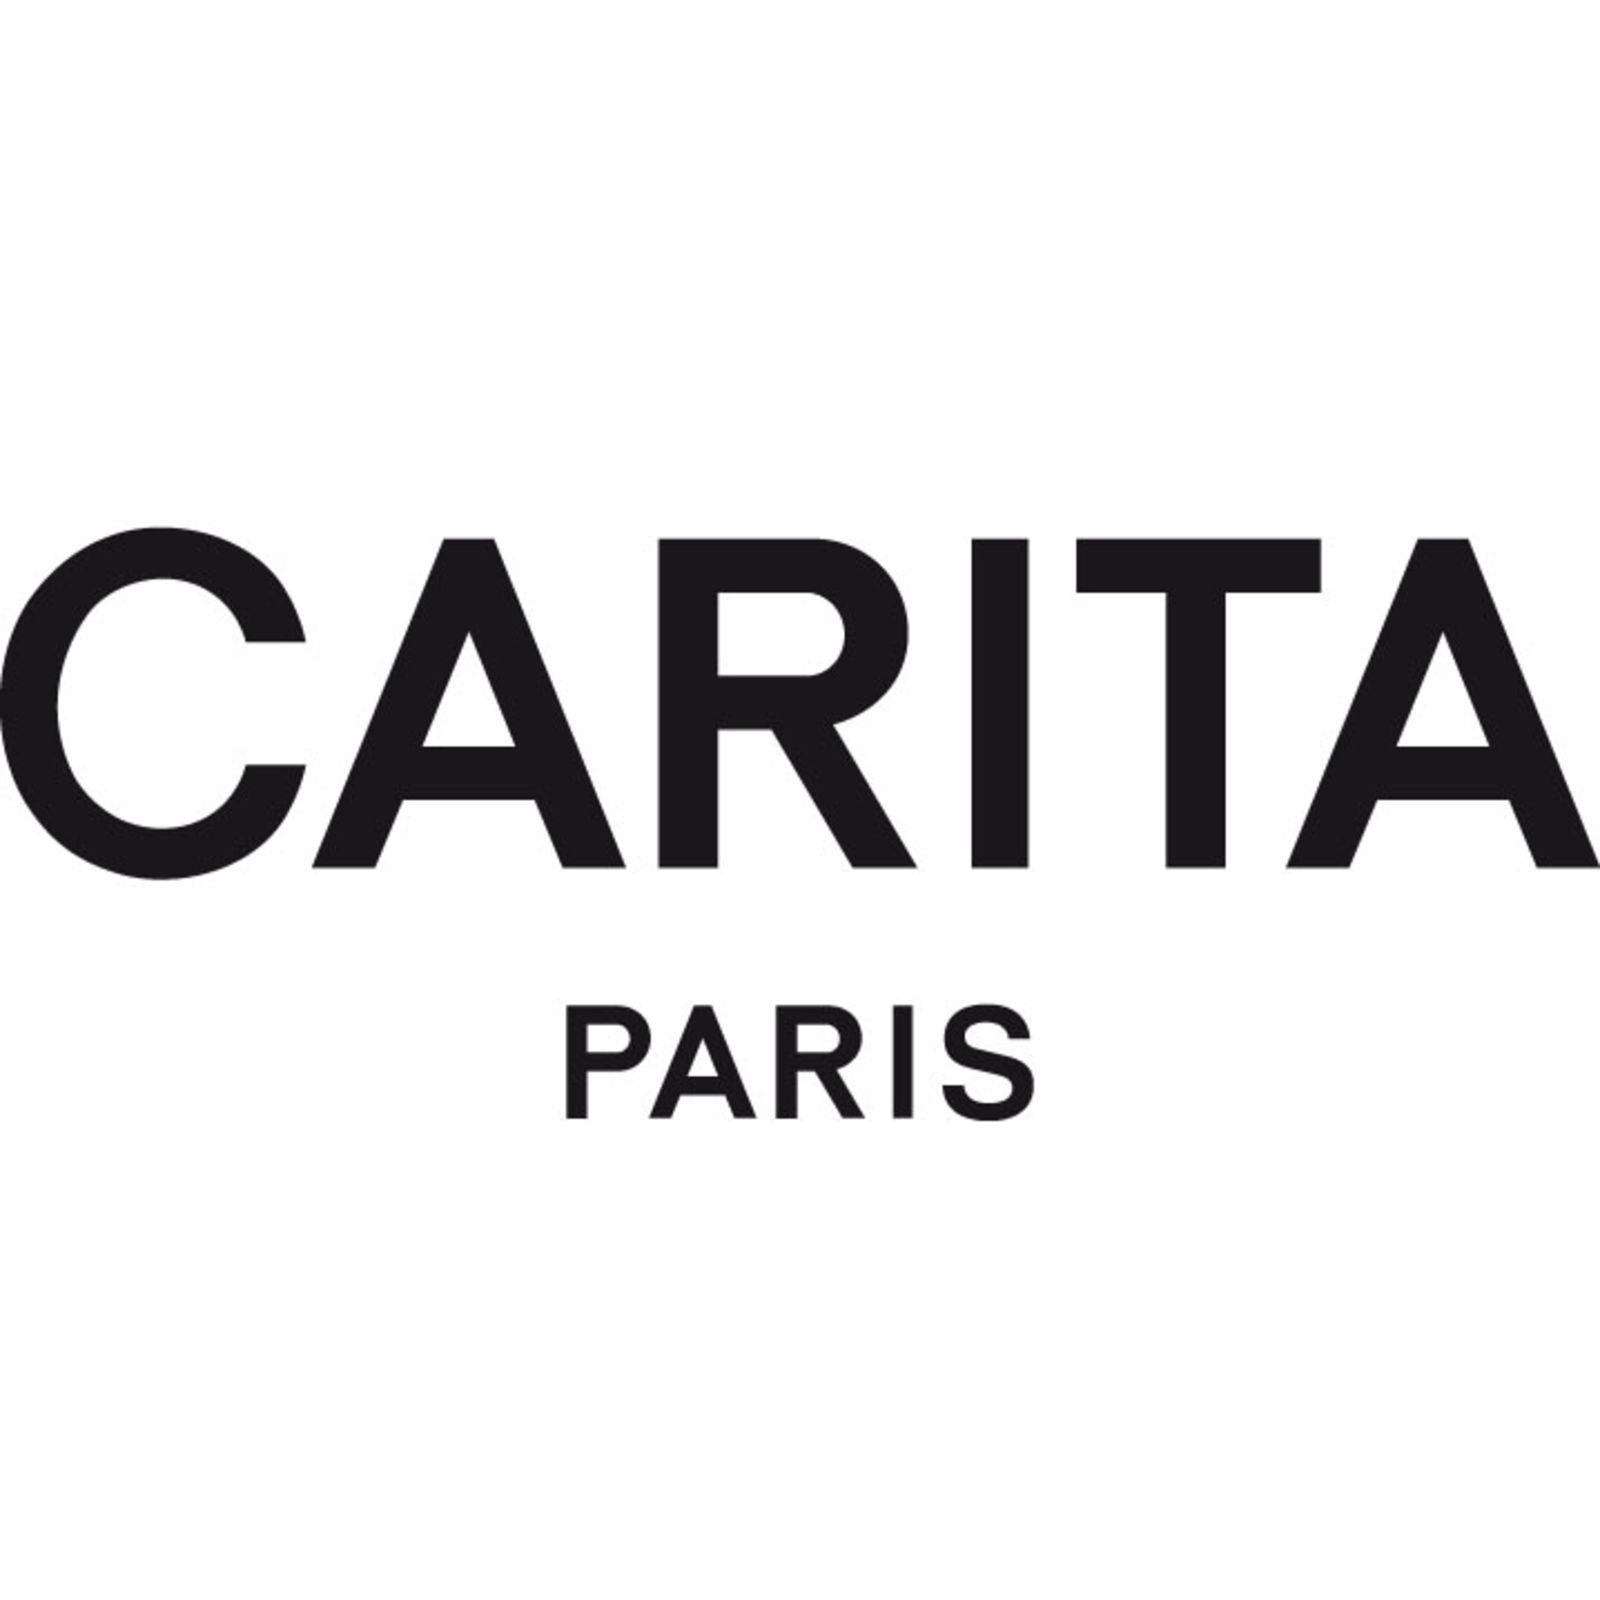 CARITA